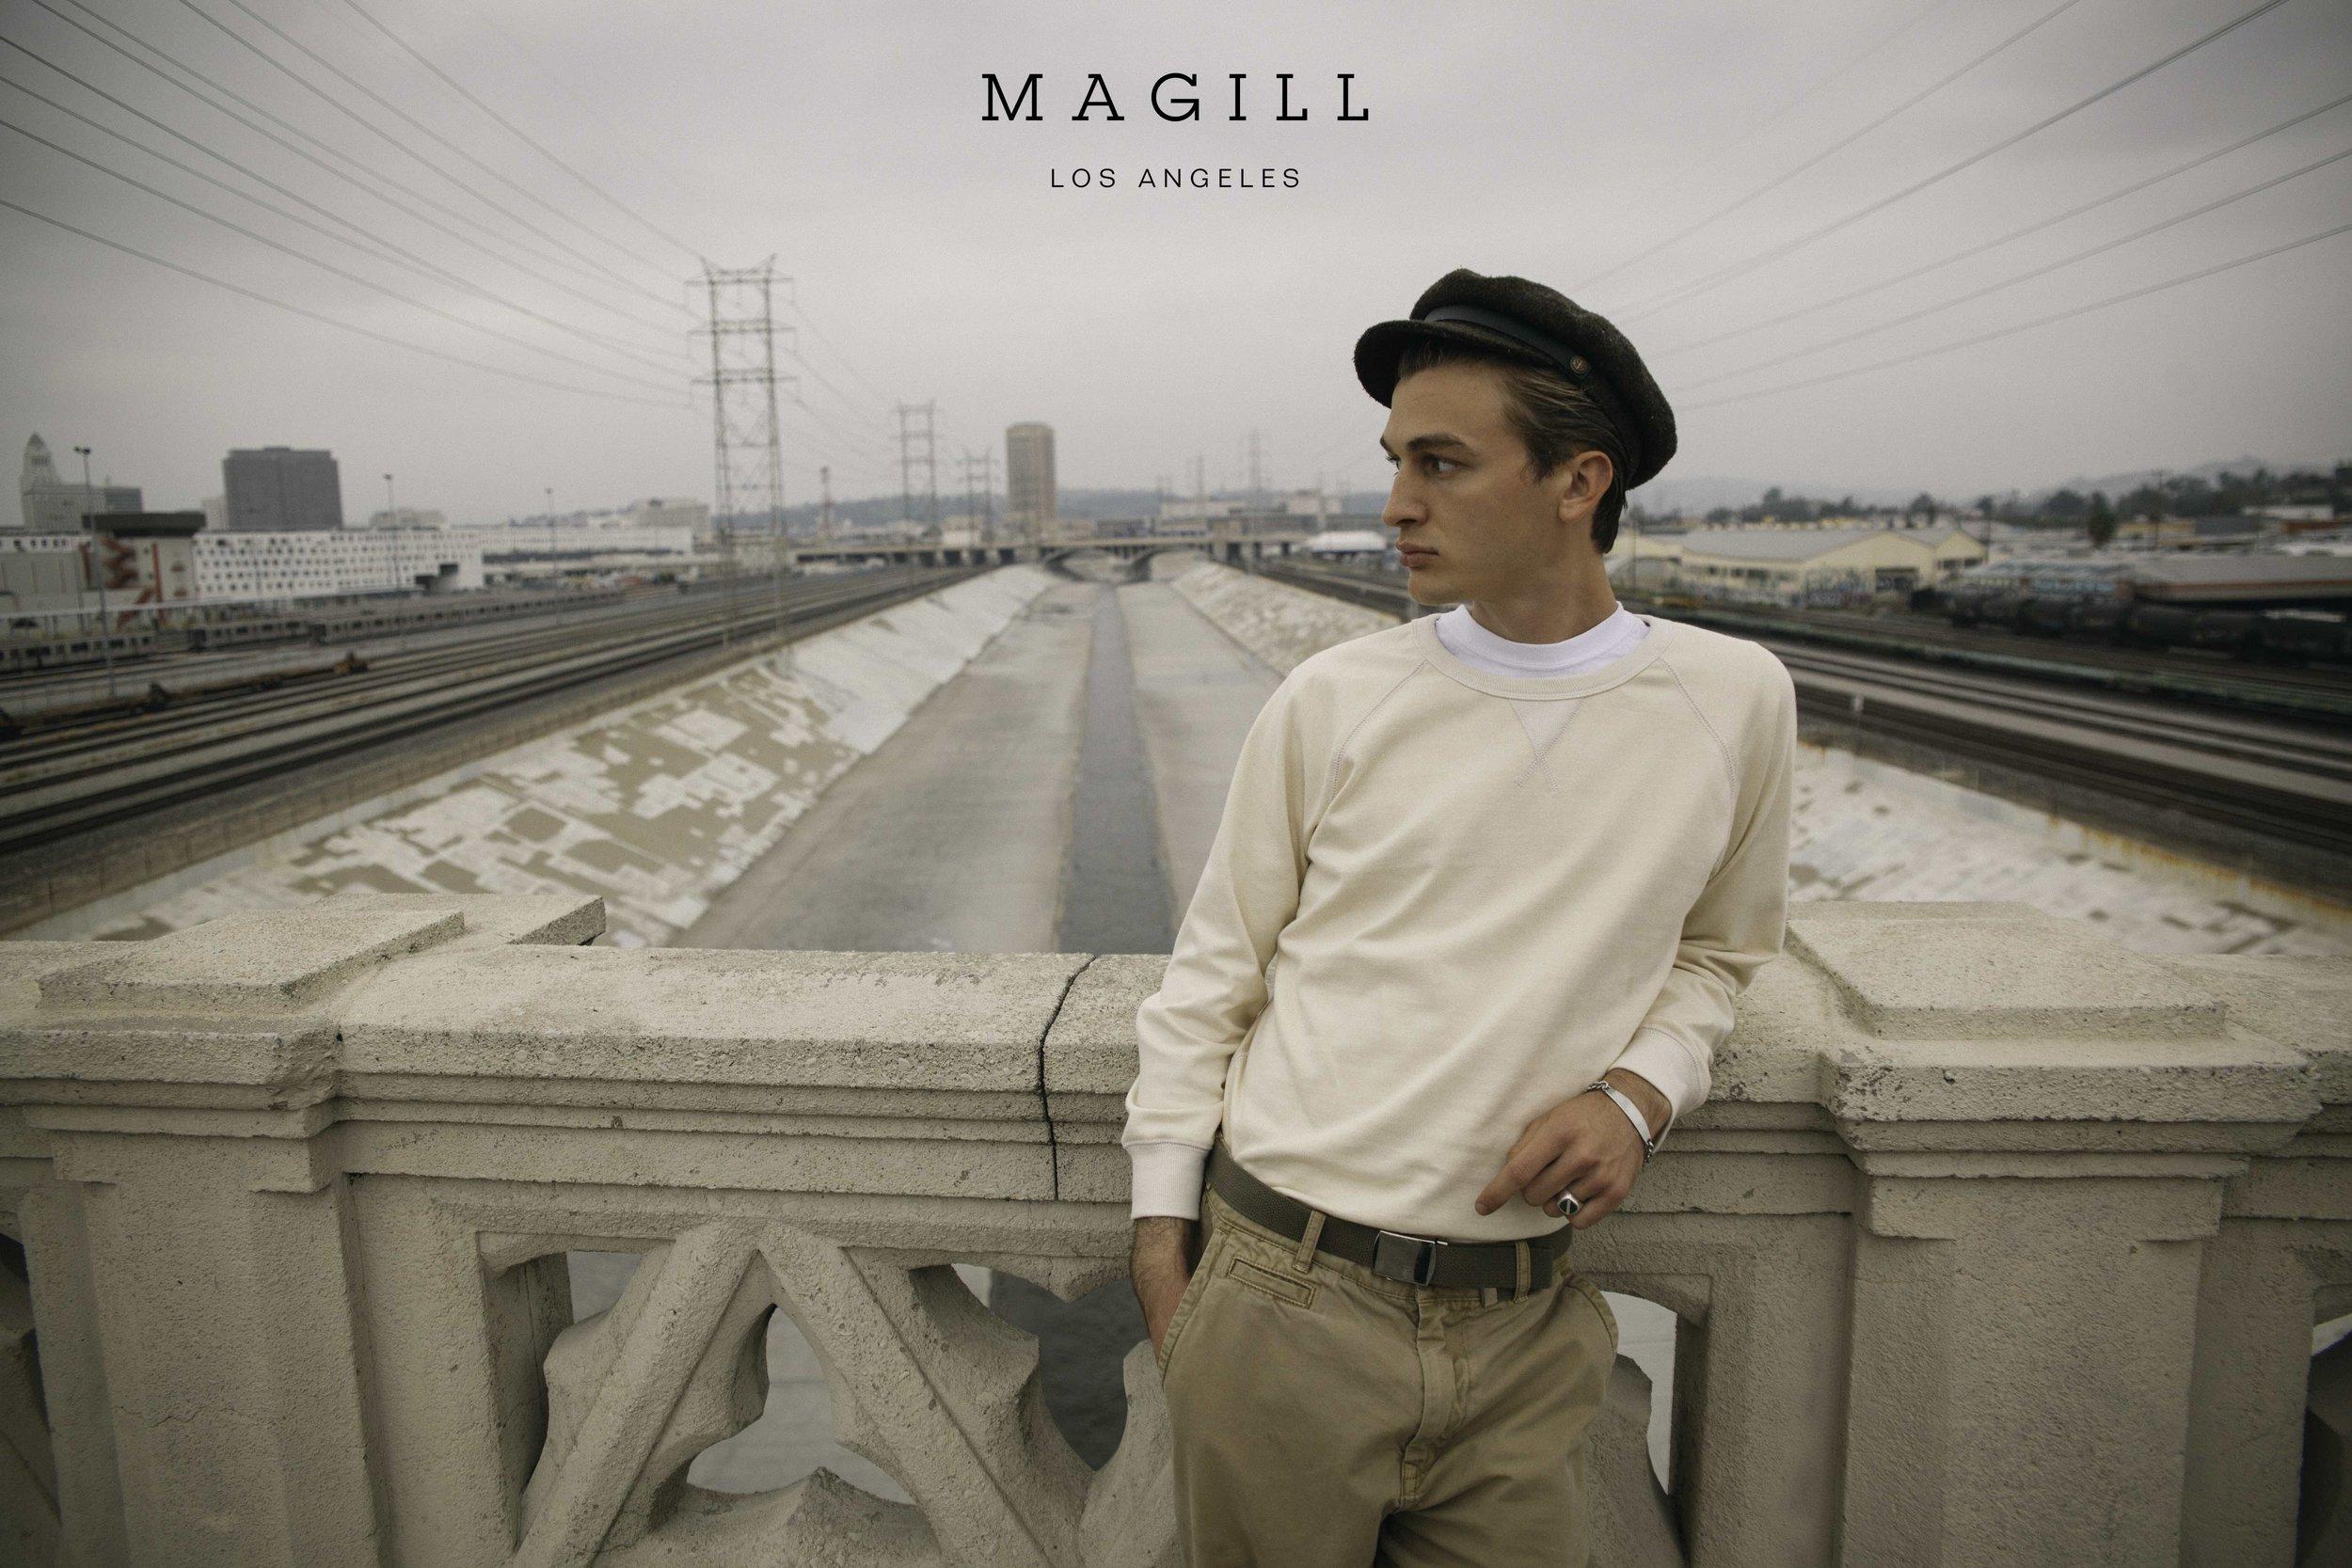 MAGILL Los Angeles  各時代を代表するいくつかのコレクションブランドでのデザイナーを経て、約7年間ジャック・スペードのヘッドデザイナーを務めたのちLAに移住したTodd Magill(トッド・マギル)が立ち上げたブランド、MAGILL Los Angeles(マギル ロサンゼルス)。2017年秋冬より自身のブランドをスタートした彼が描くのは、オールドハリウッド。レオナルド・ダヴィンチの「シンプルさこそが究極の洗練」という言葉を生涯のモットーとしている彼らしく、若かりし頃のWoody Allenをはじめ、数々のハリウッドスターのクラシックなラグビーシャツの着こなしを、モダンに落とし込んだタイムレスなスタイルを表現する